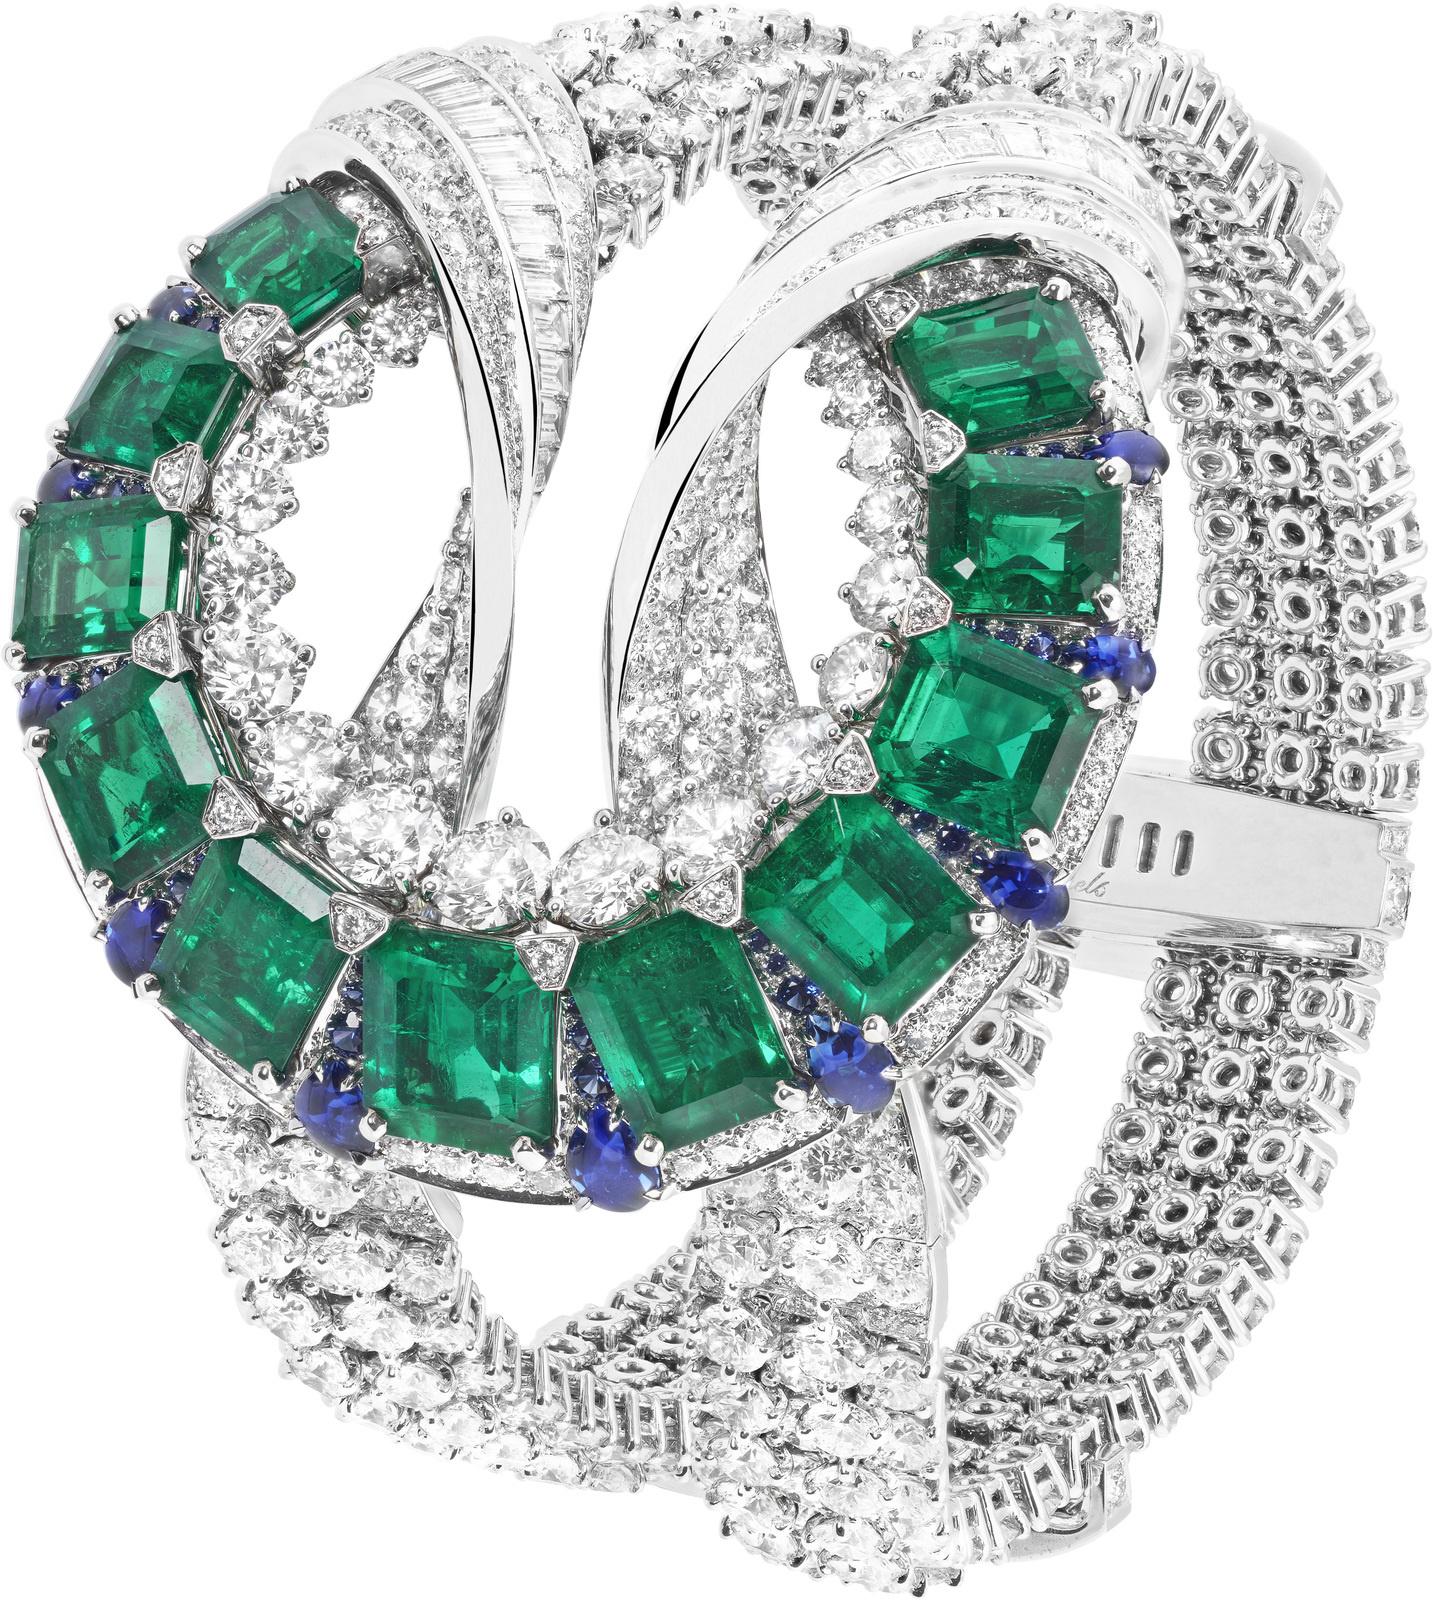 Or blanc, diamants ronds et taille baguette, saphirs ronds et taille poire suiffés, 11 émeraudes octogonales totalisant 19,38 carats (Colombie). © Van Cleef & Arpels